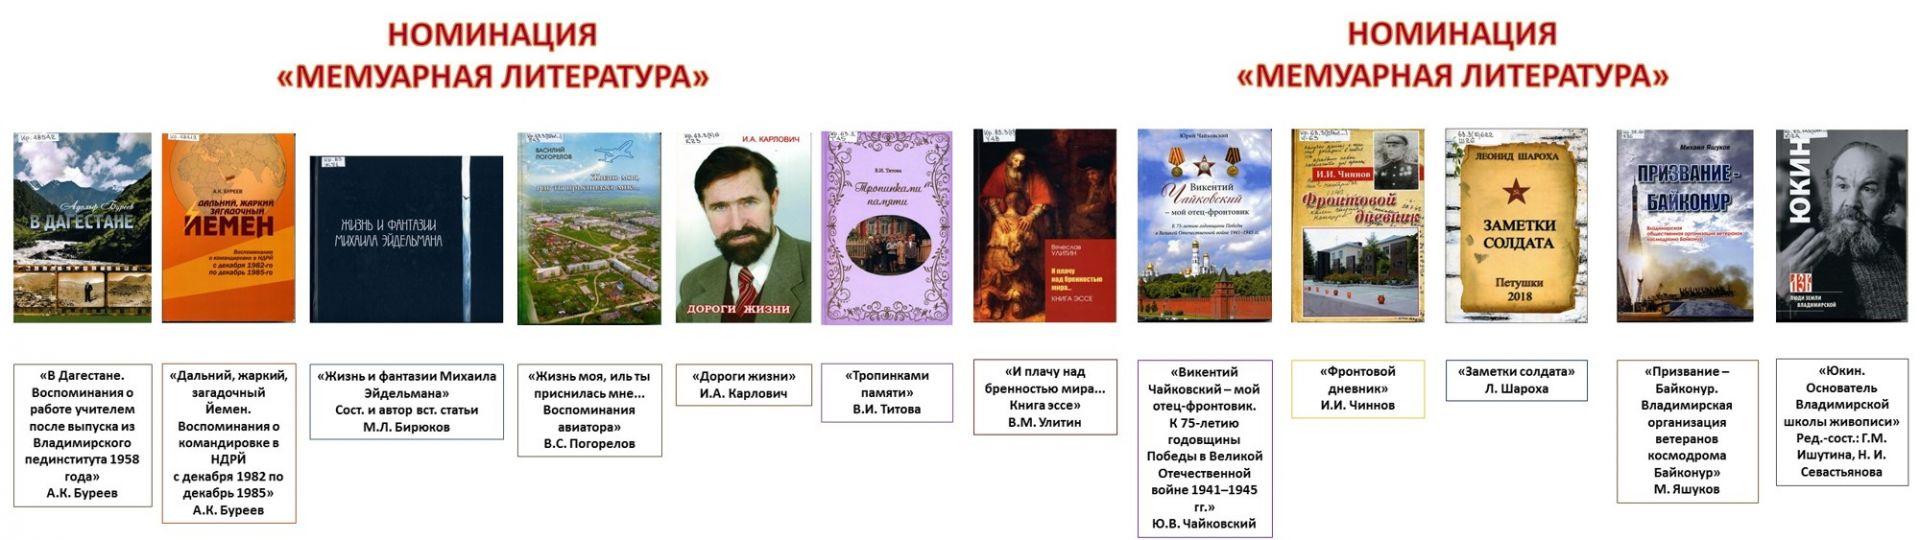 Мемуарная литература номинанты